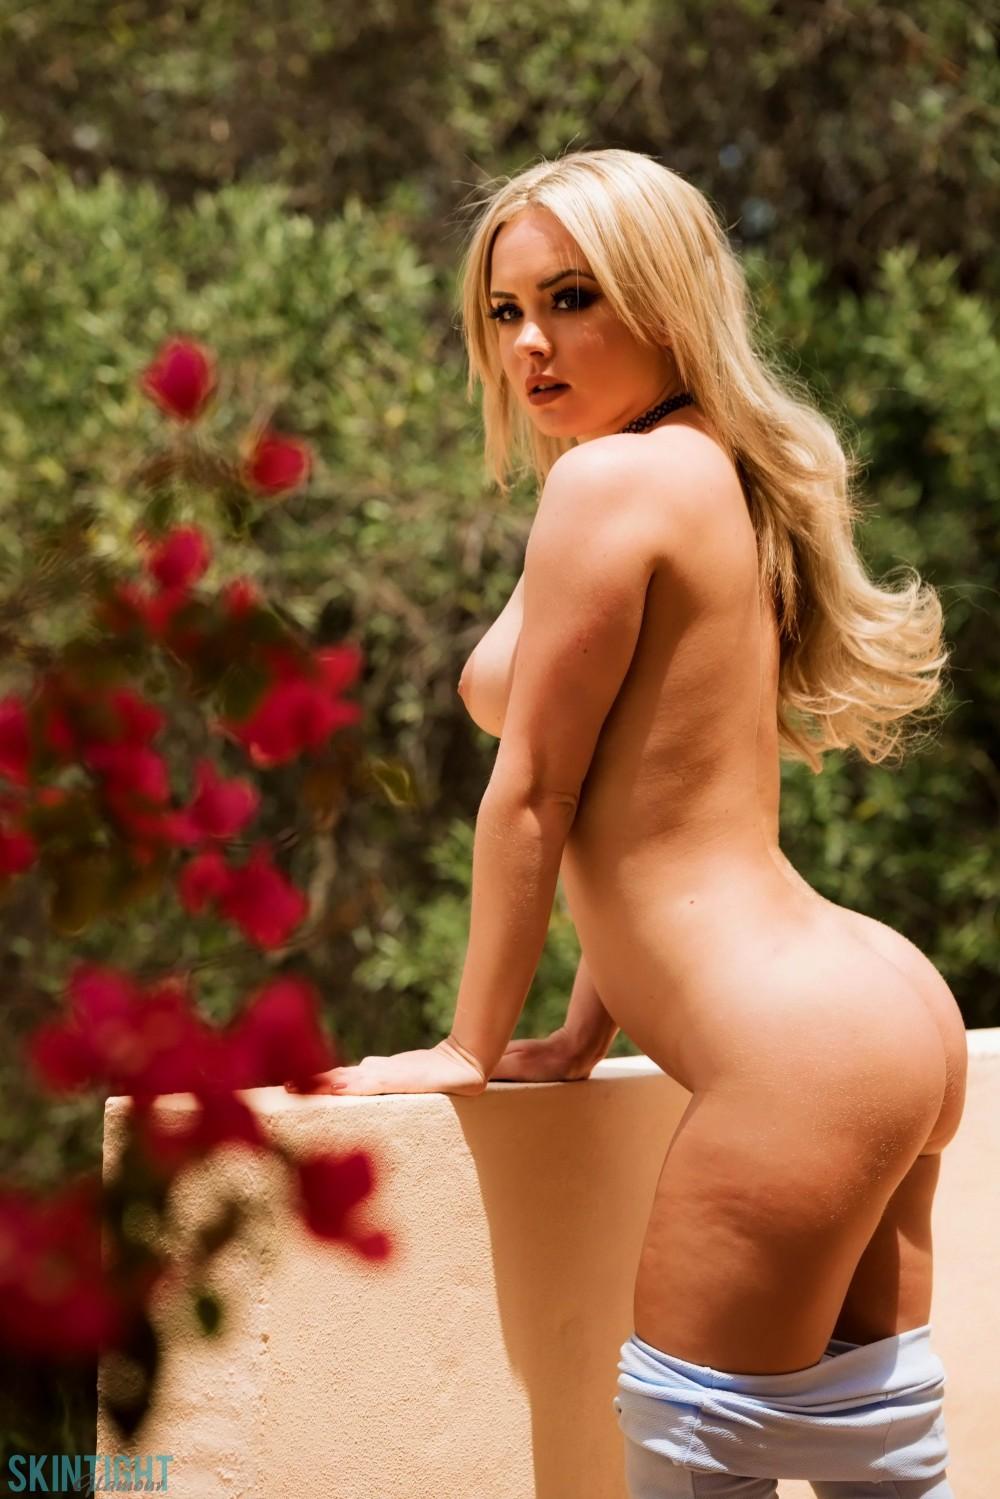 Big tit blonde bridgette b cheats on husband 8